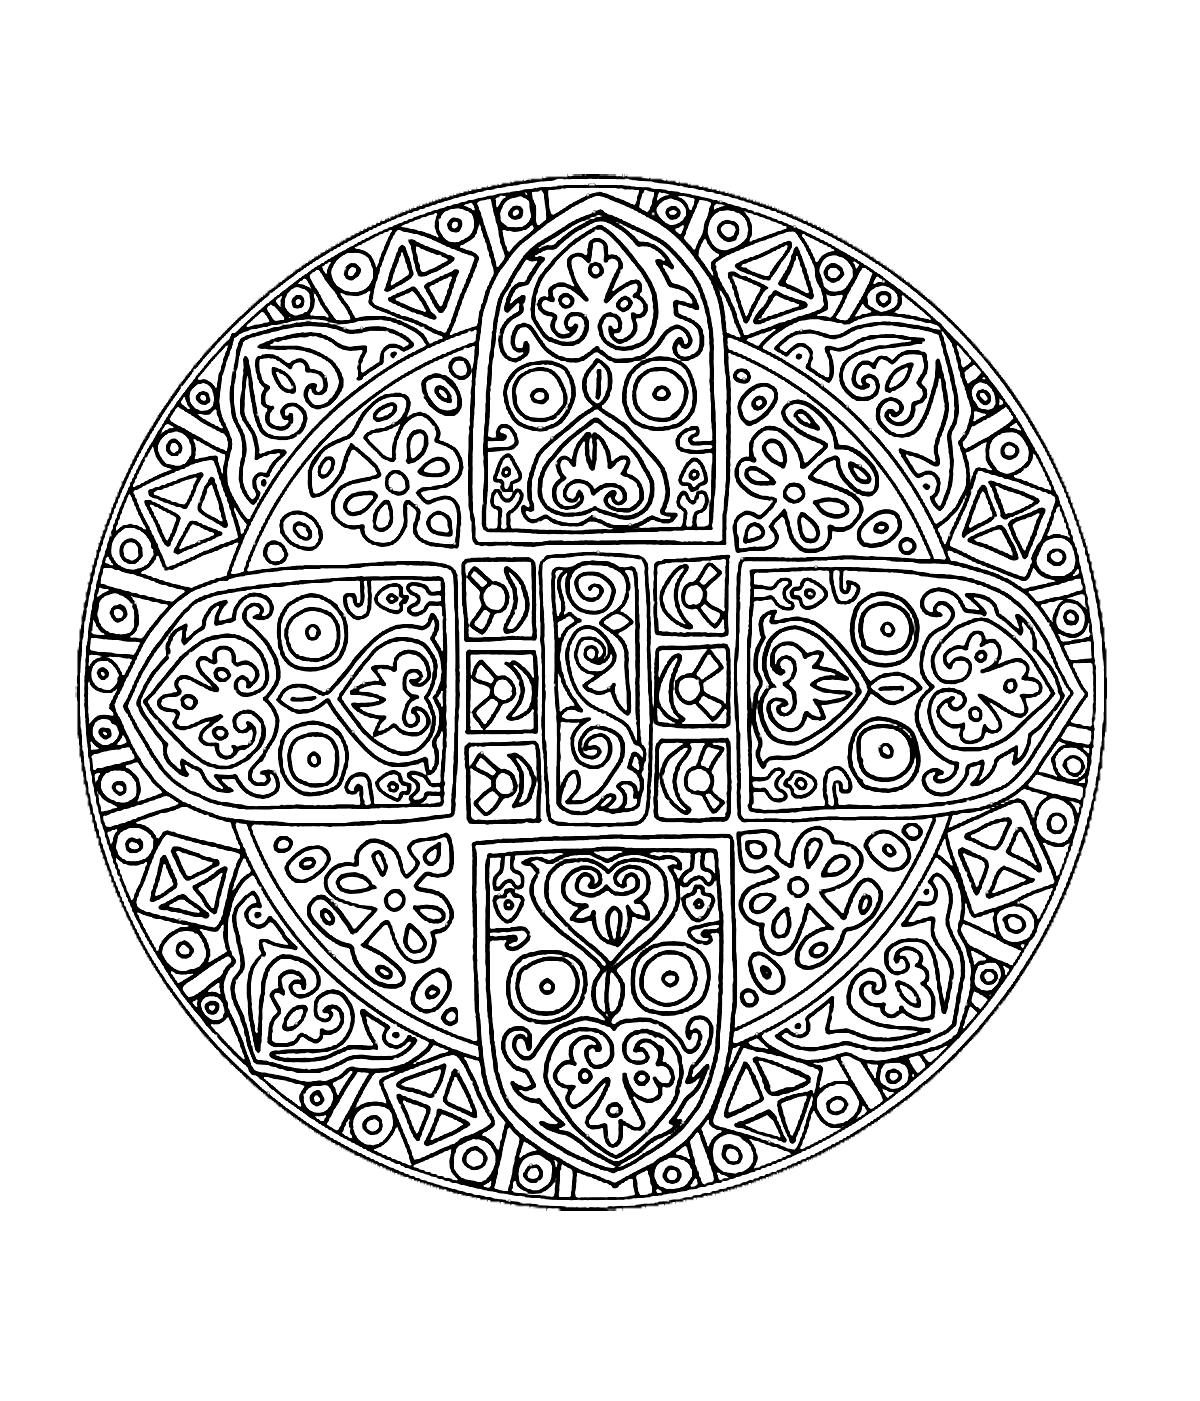 colorier adulte difficile 1 Magnifique mandala avec une succession de formes avec une tr¨s jolie fleur au centre